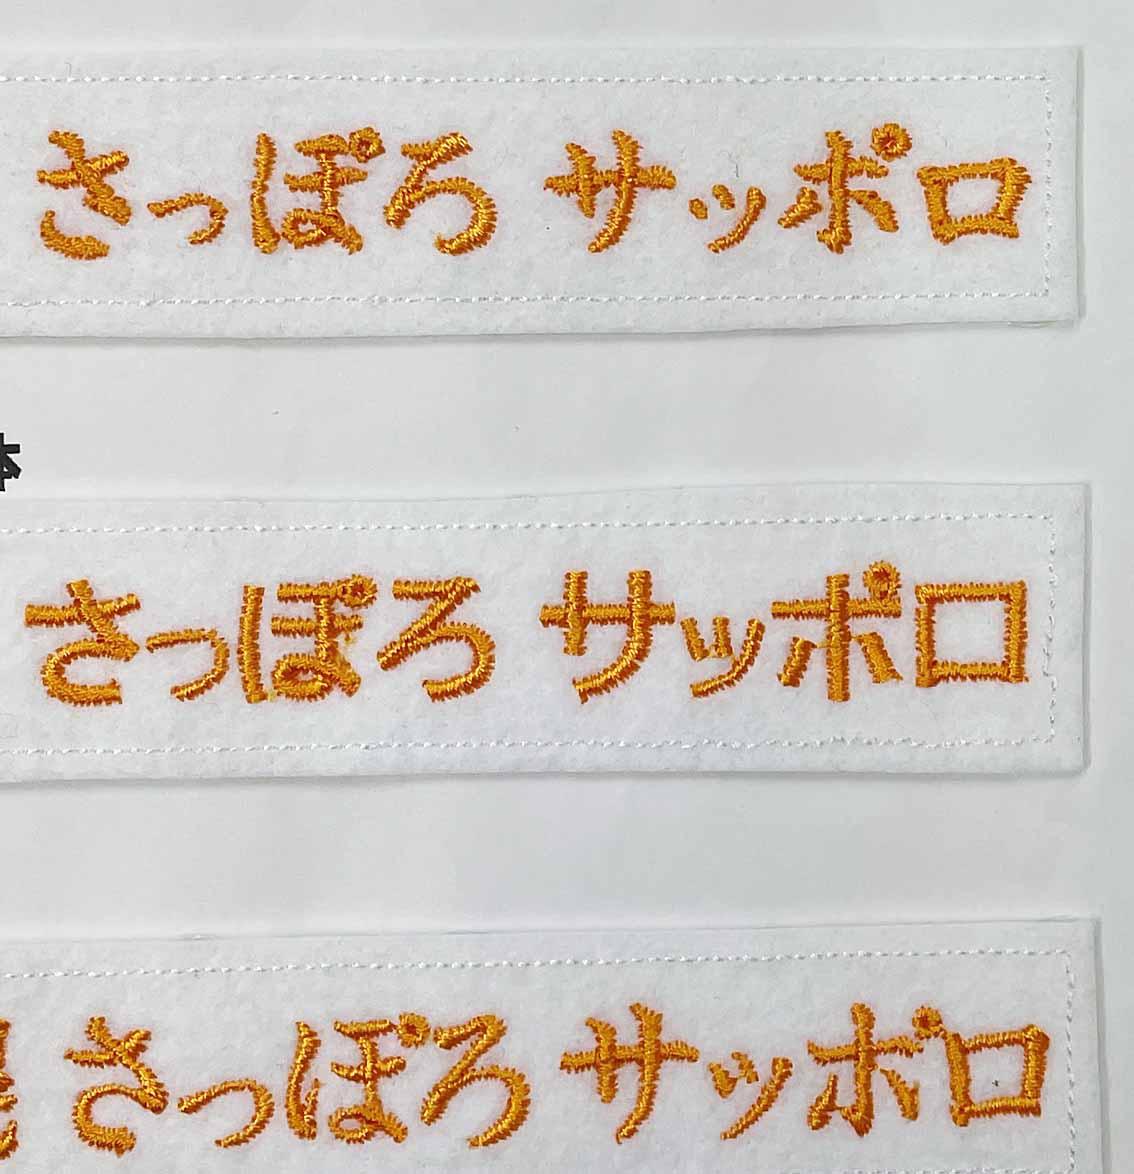 バッティンググラブの刺繍加工。書体日本語